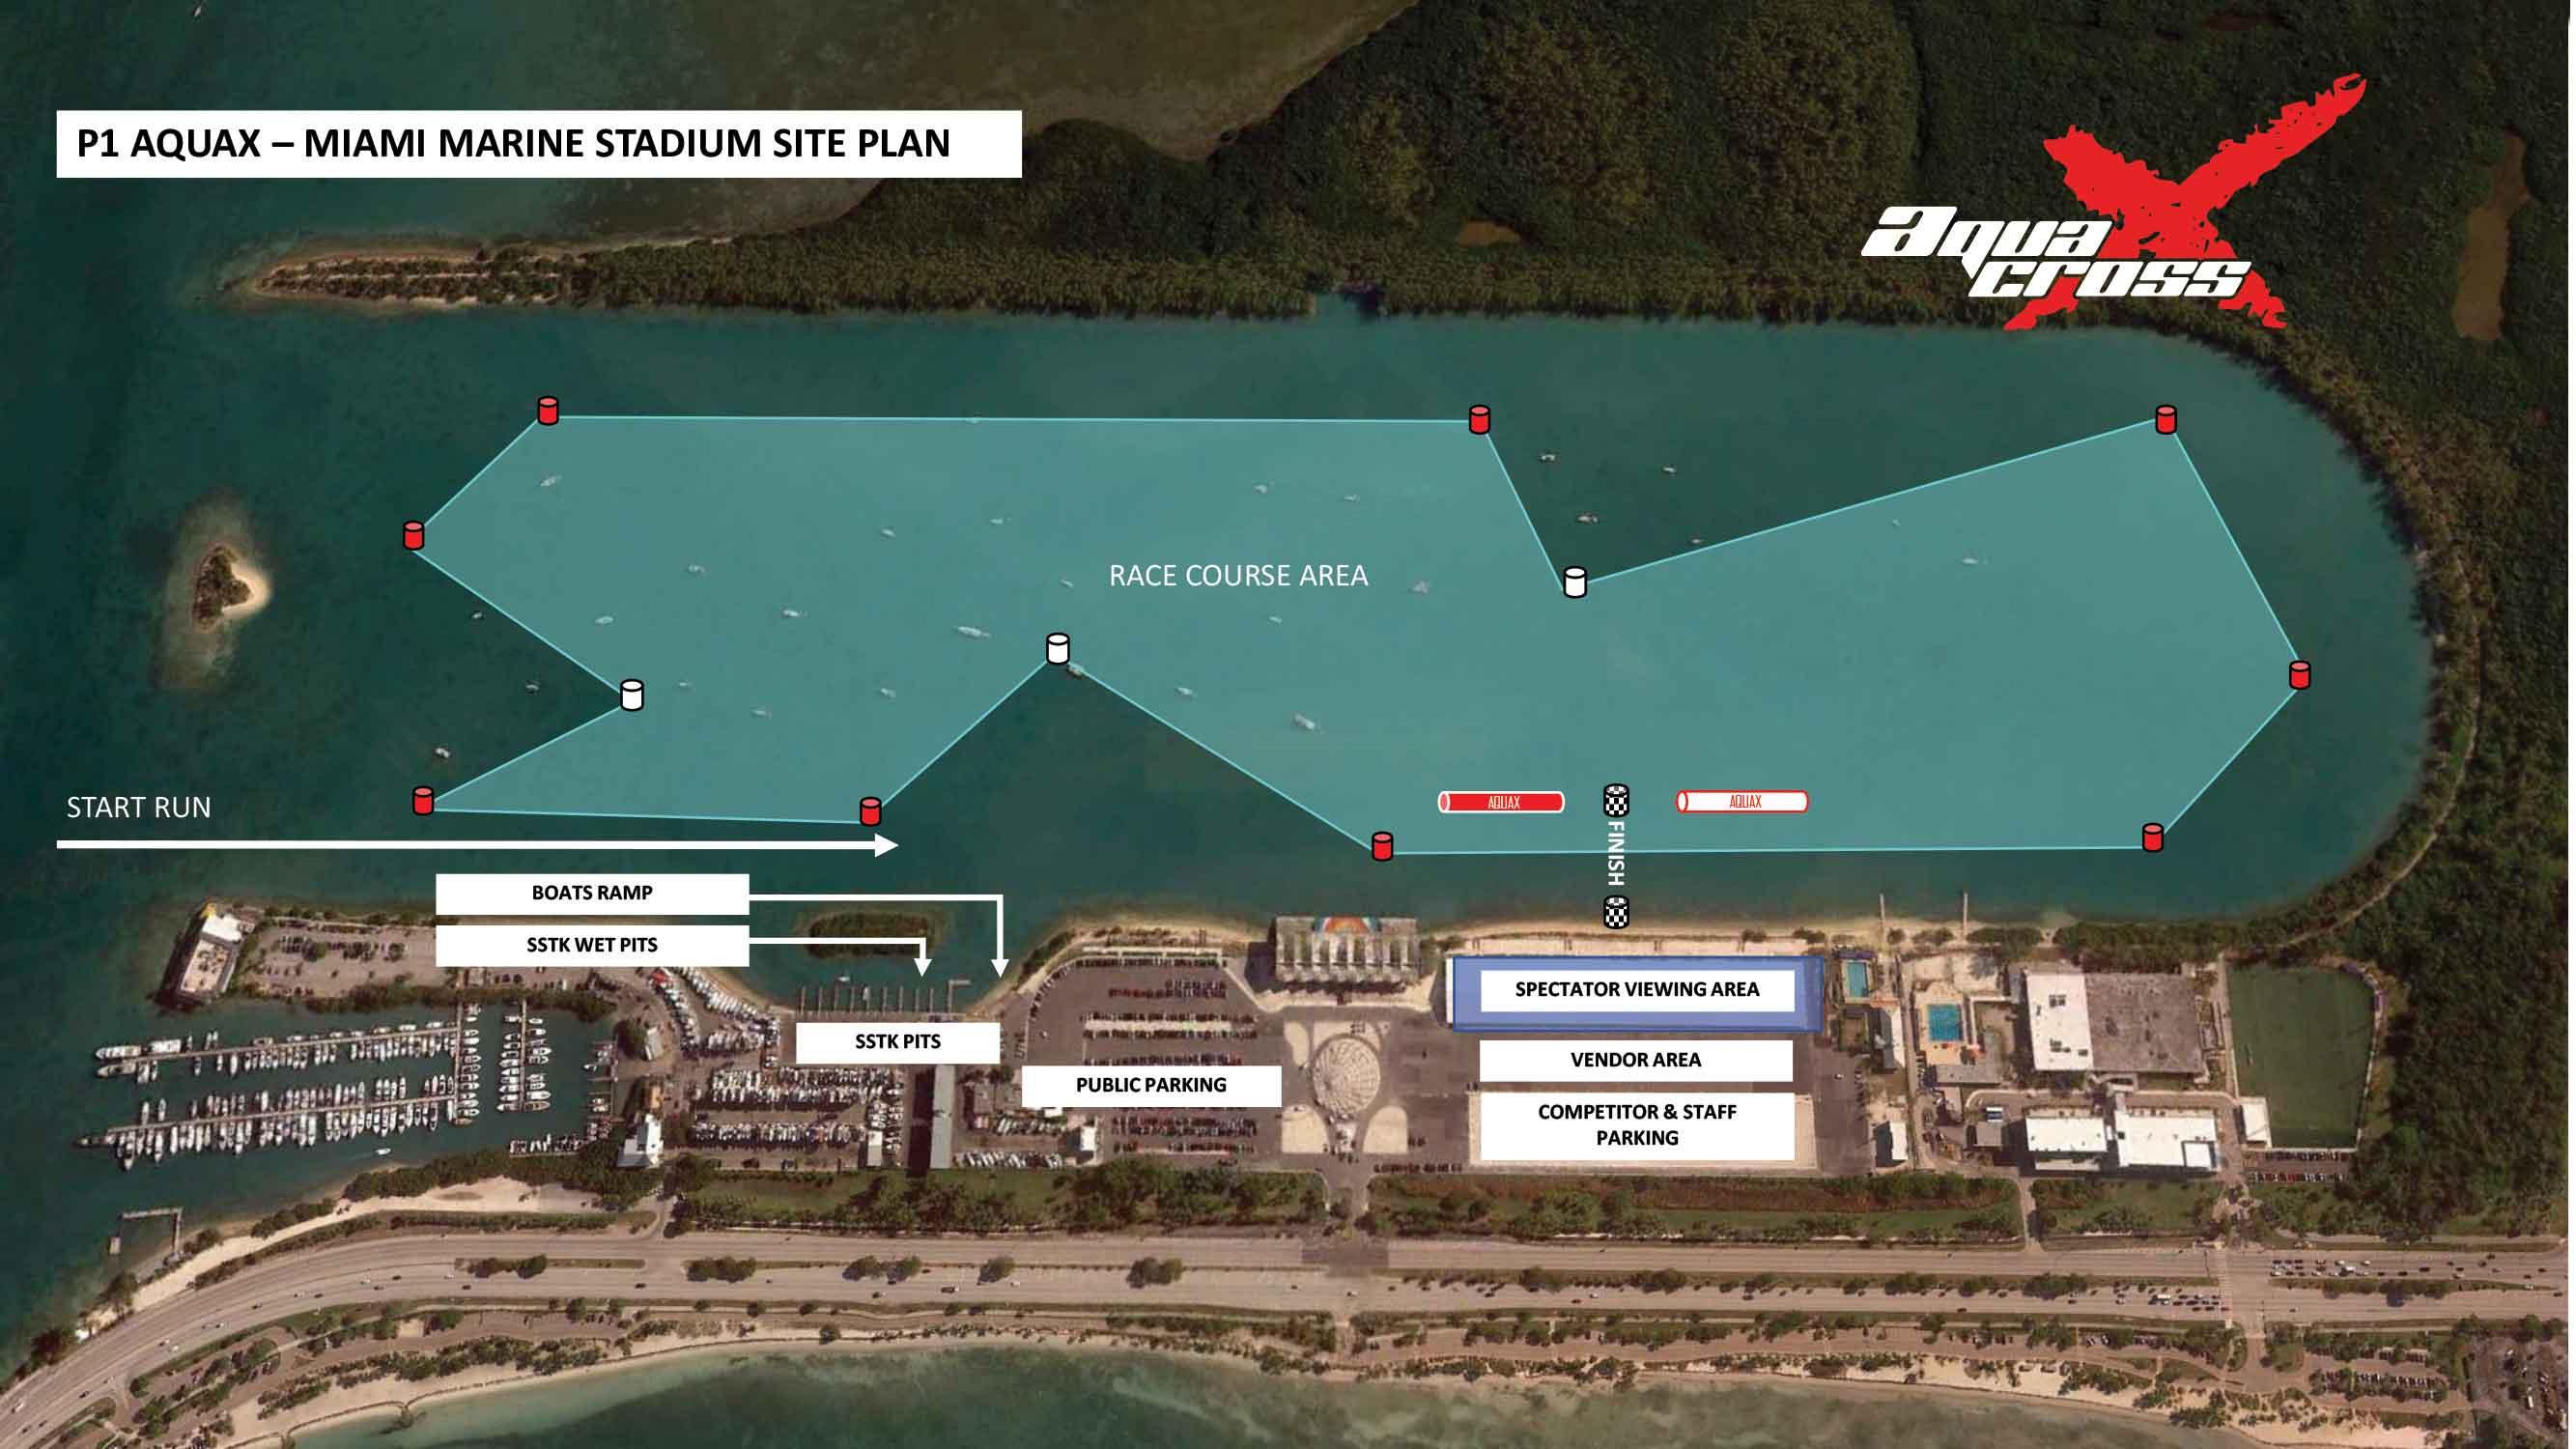 Powerboat racing returns to Miami Marine Stadium basin